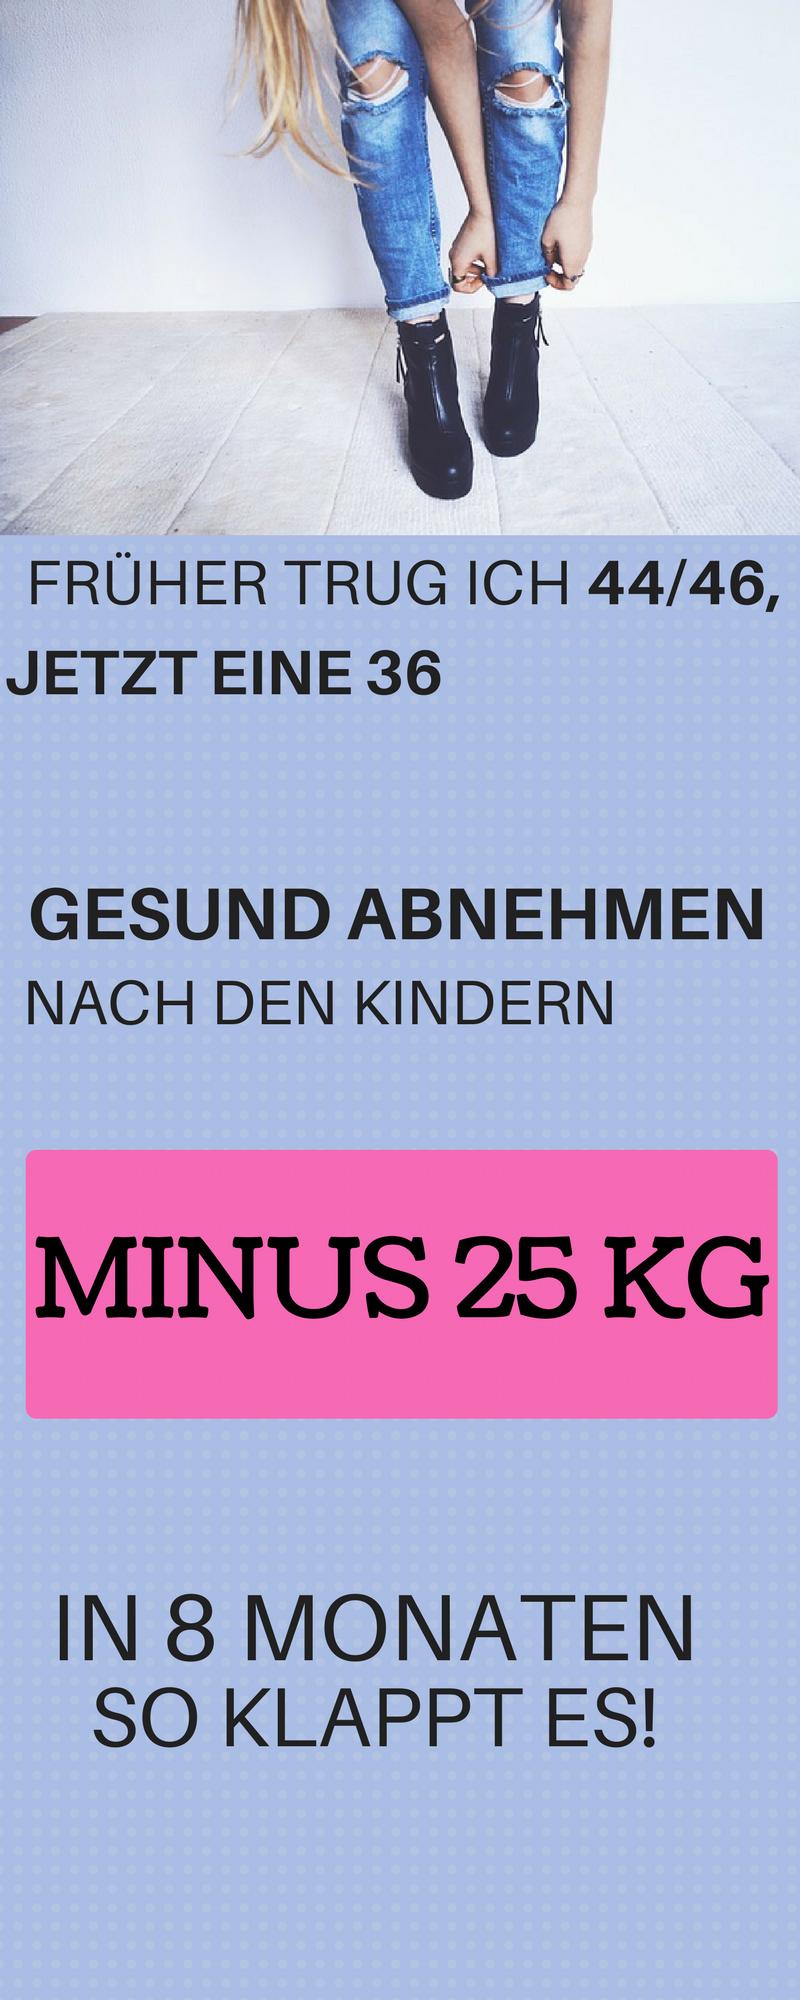 Ich muss in 2 Schwangerschaftswochen 10 Kilo abnehmen